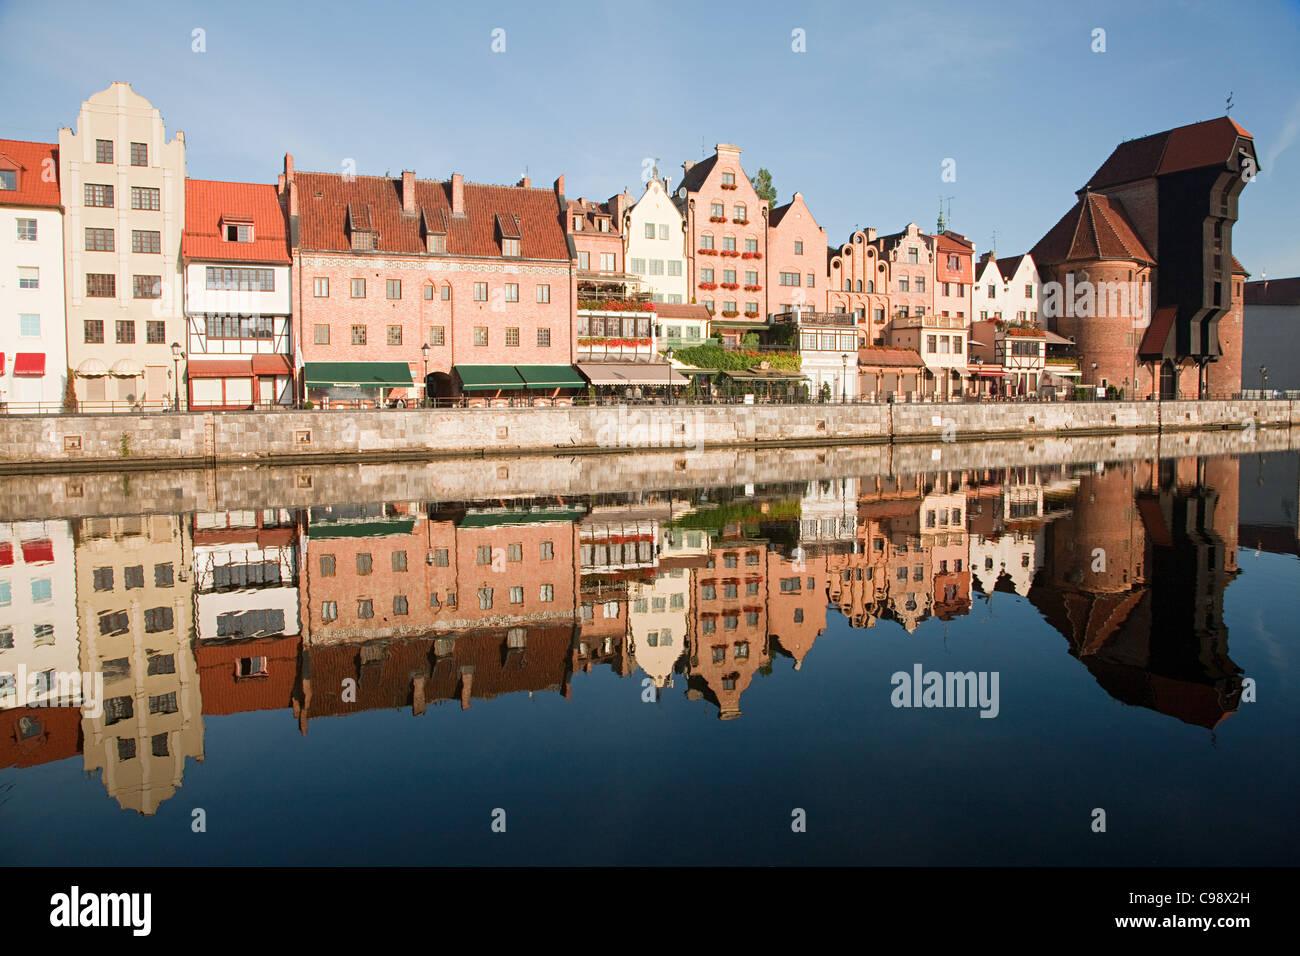 Edifici riflettono in acqua, Gdansk, Polonia Immagini Stock